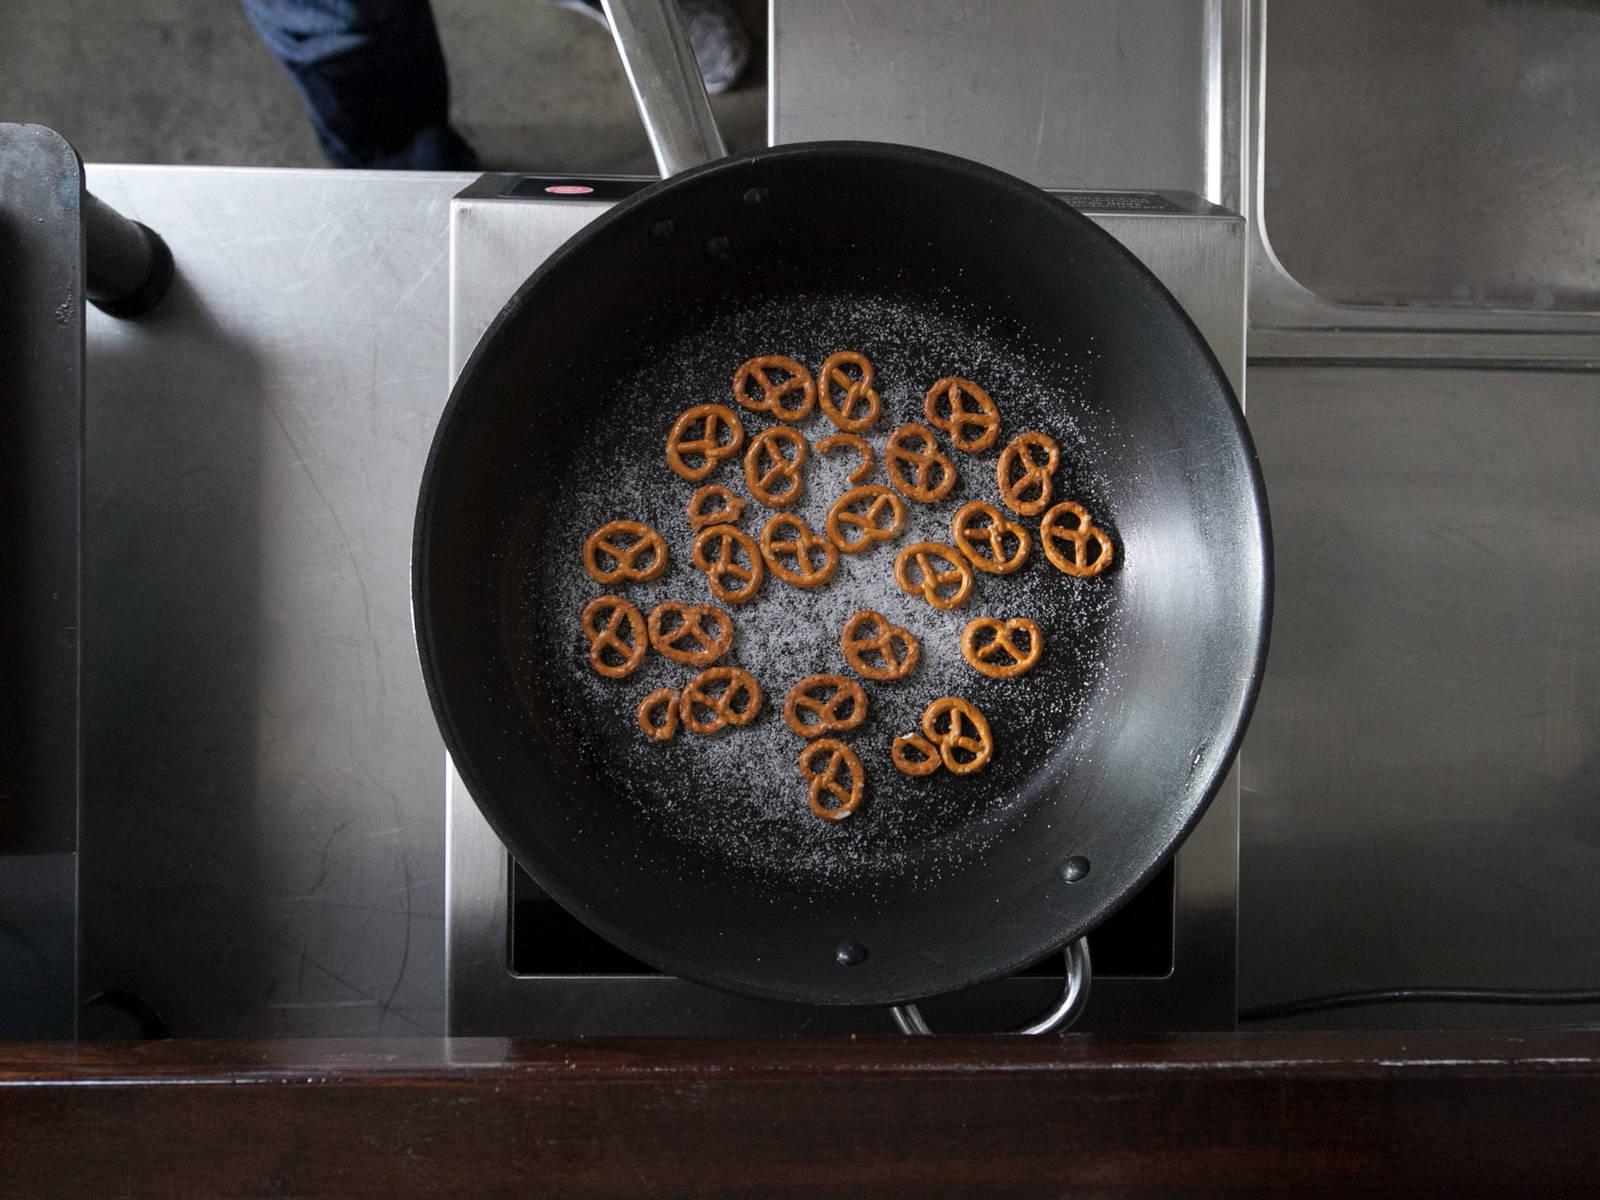 在不粘锅中,中火焦化砂糖,裹到咸味椒盐饼干上。注意别熬过火了。关火取下,放凉。将焦糖椒盐饼干拿出来,大略剁碎。